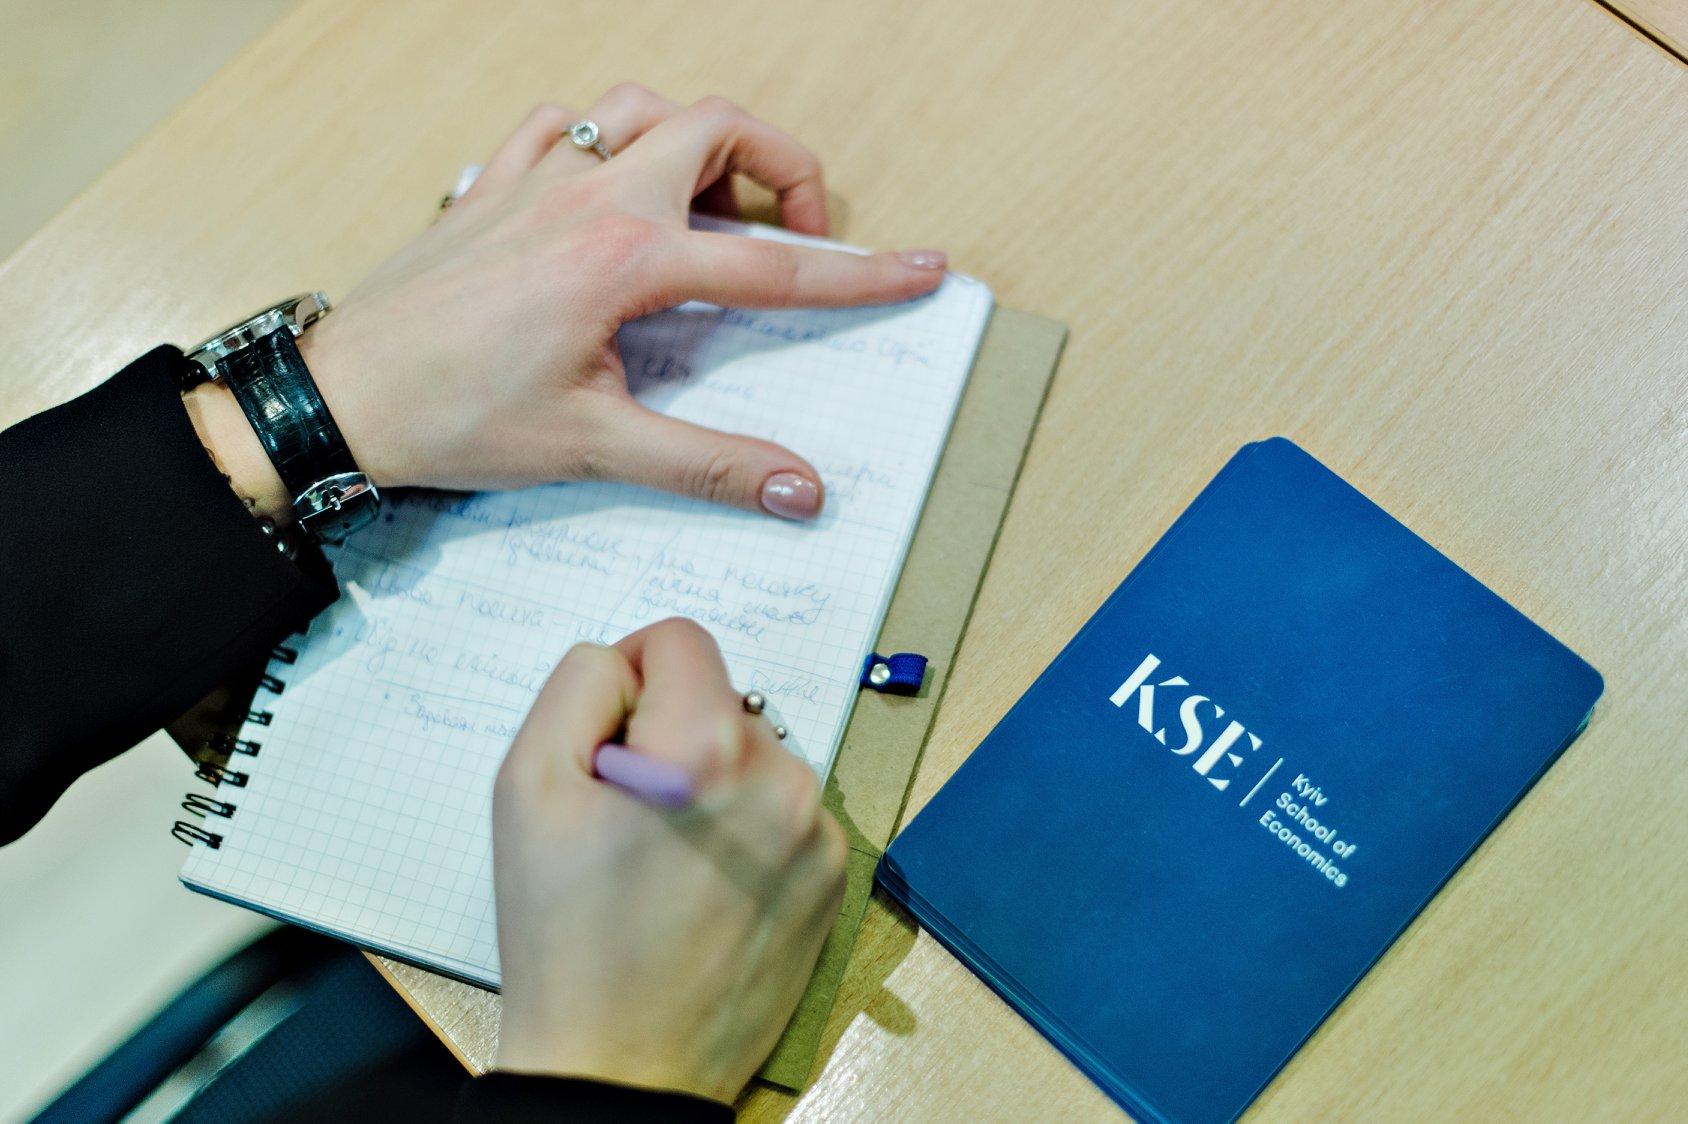 Грант на навчання на магістратурі у Київській школі економіки